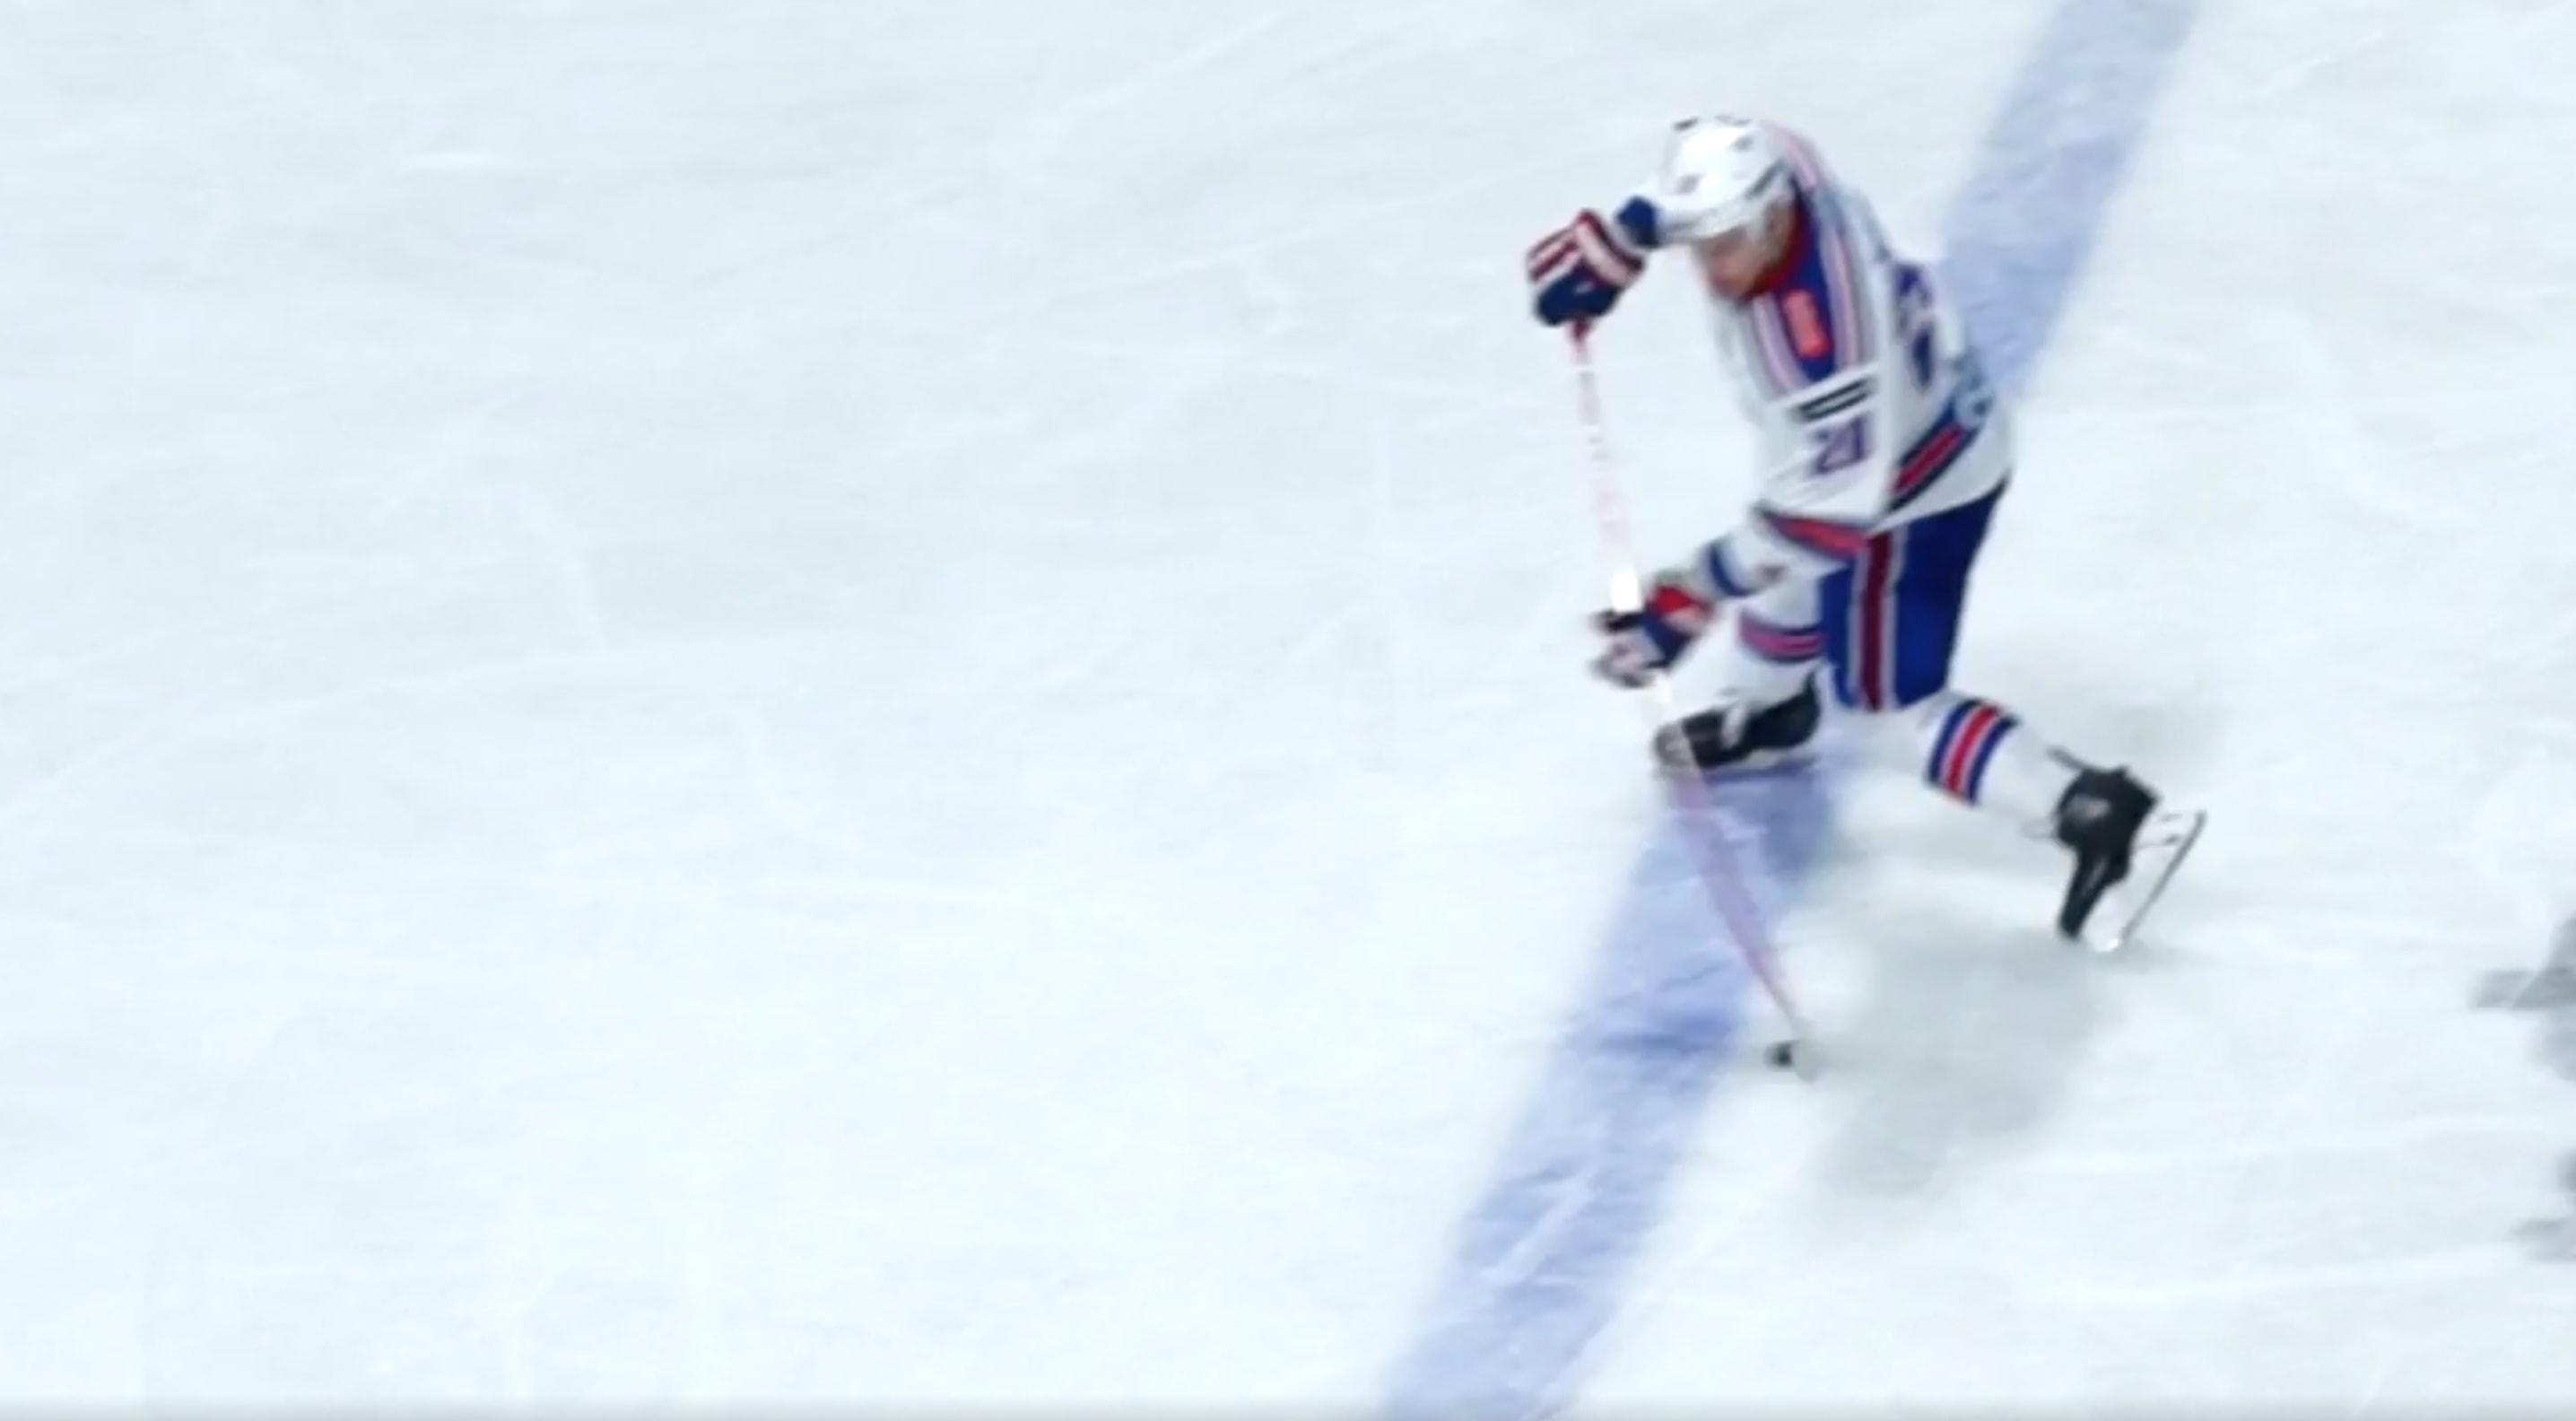 KHL:ssä nähtiin eilen illalla todellinen oikeusmurha, kun SKA tasoitti ottelun